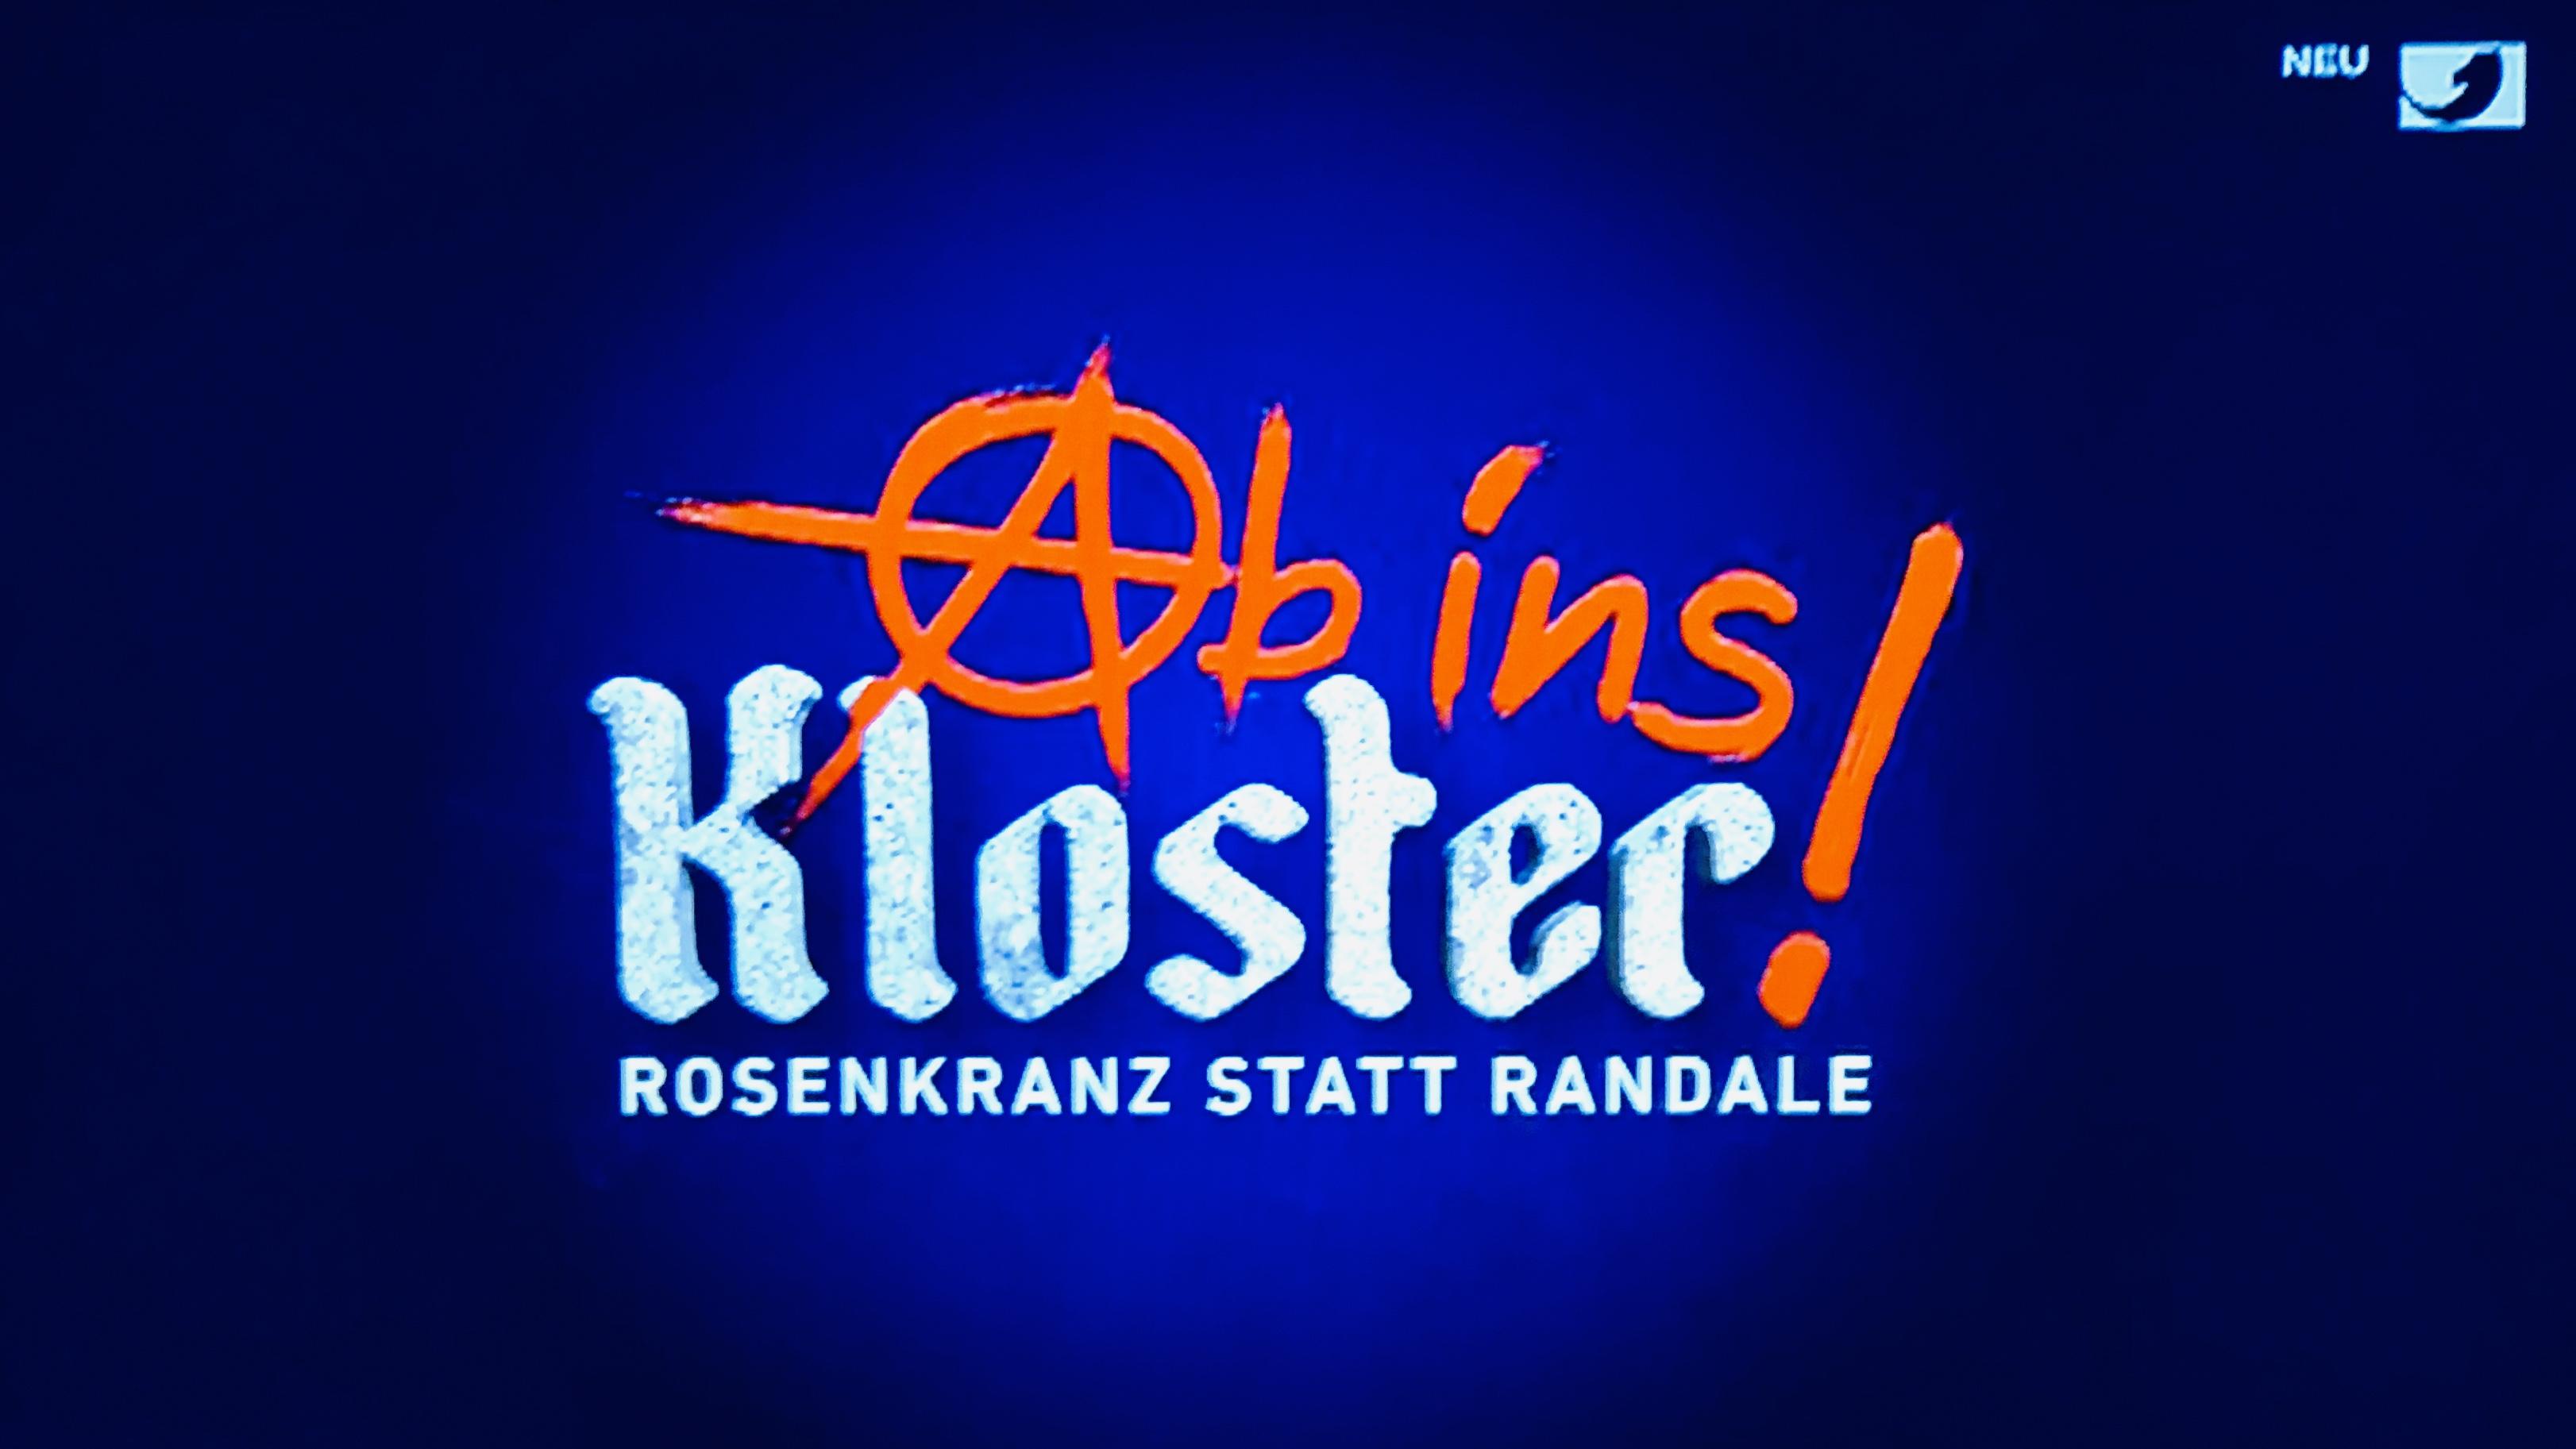 Medienkorrespondenz Ab Ins Kloster Rosenkranz Statt Randale 4